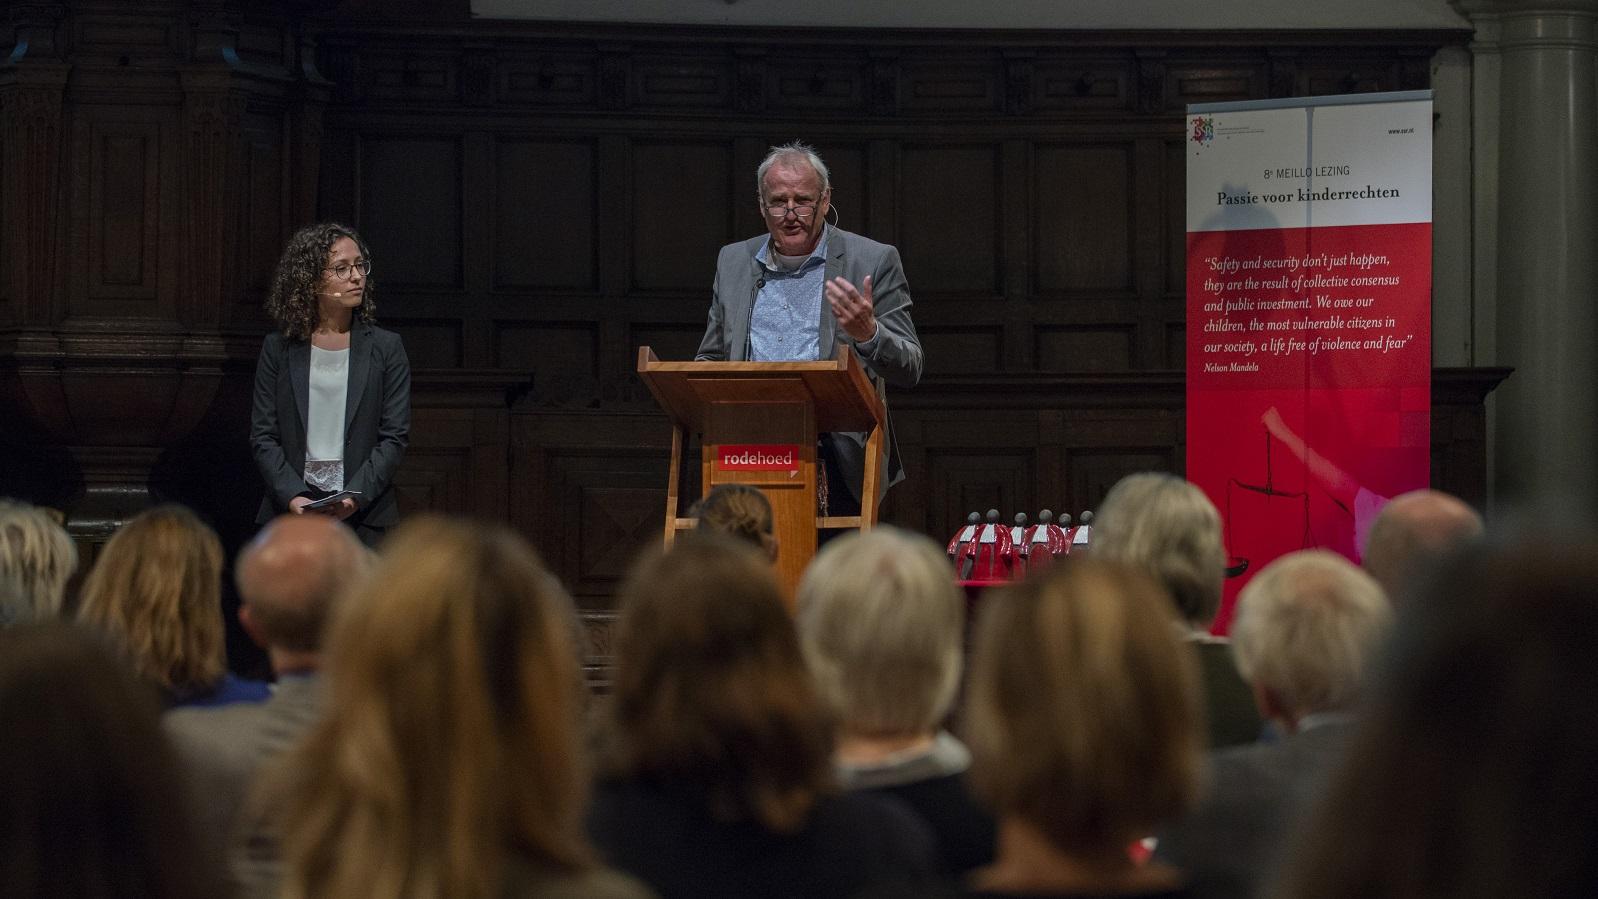 SSR Meillo-lezing 2018 Rode Hoed Alois van Rest en Hevien Dali